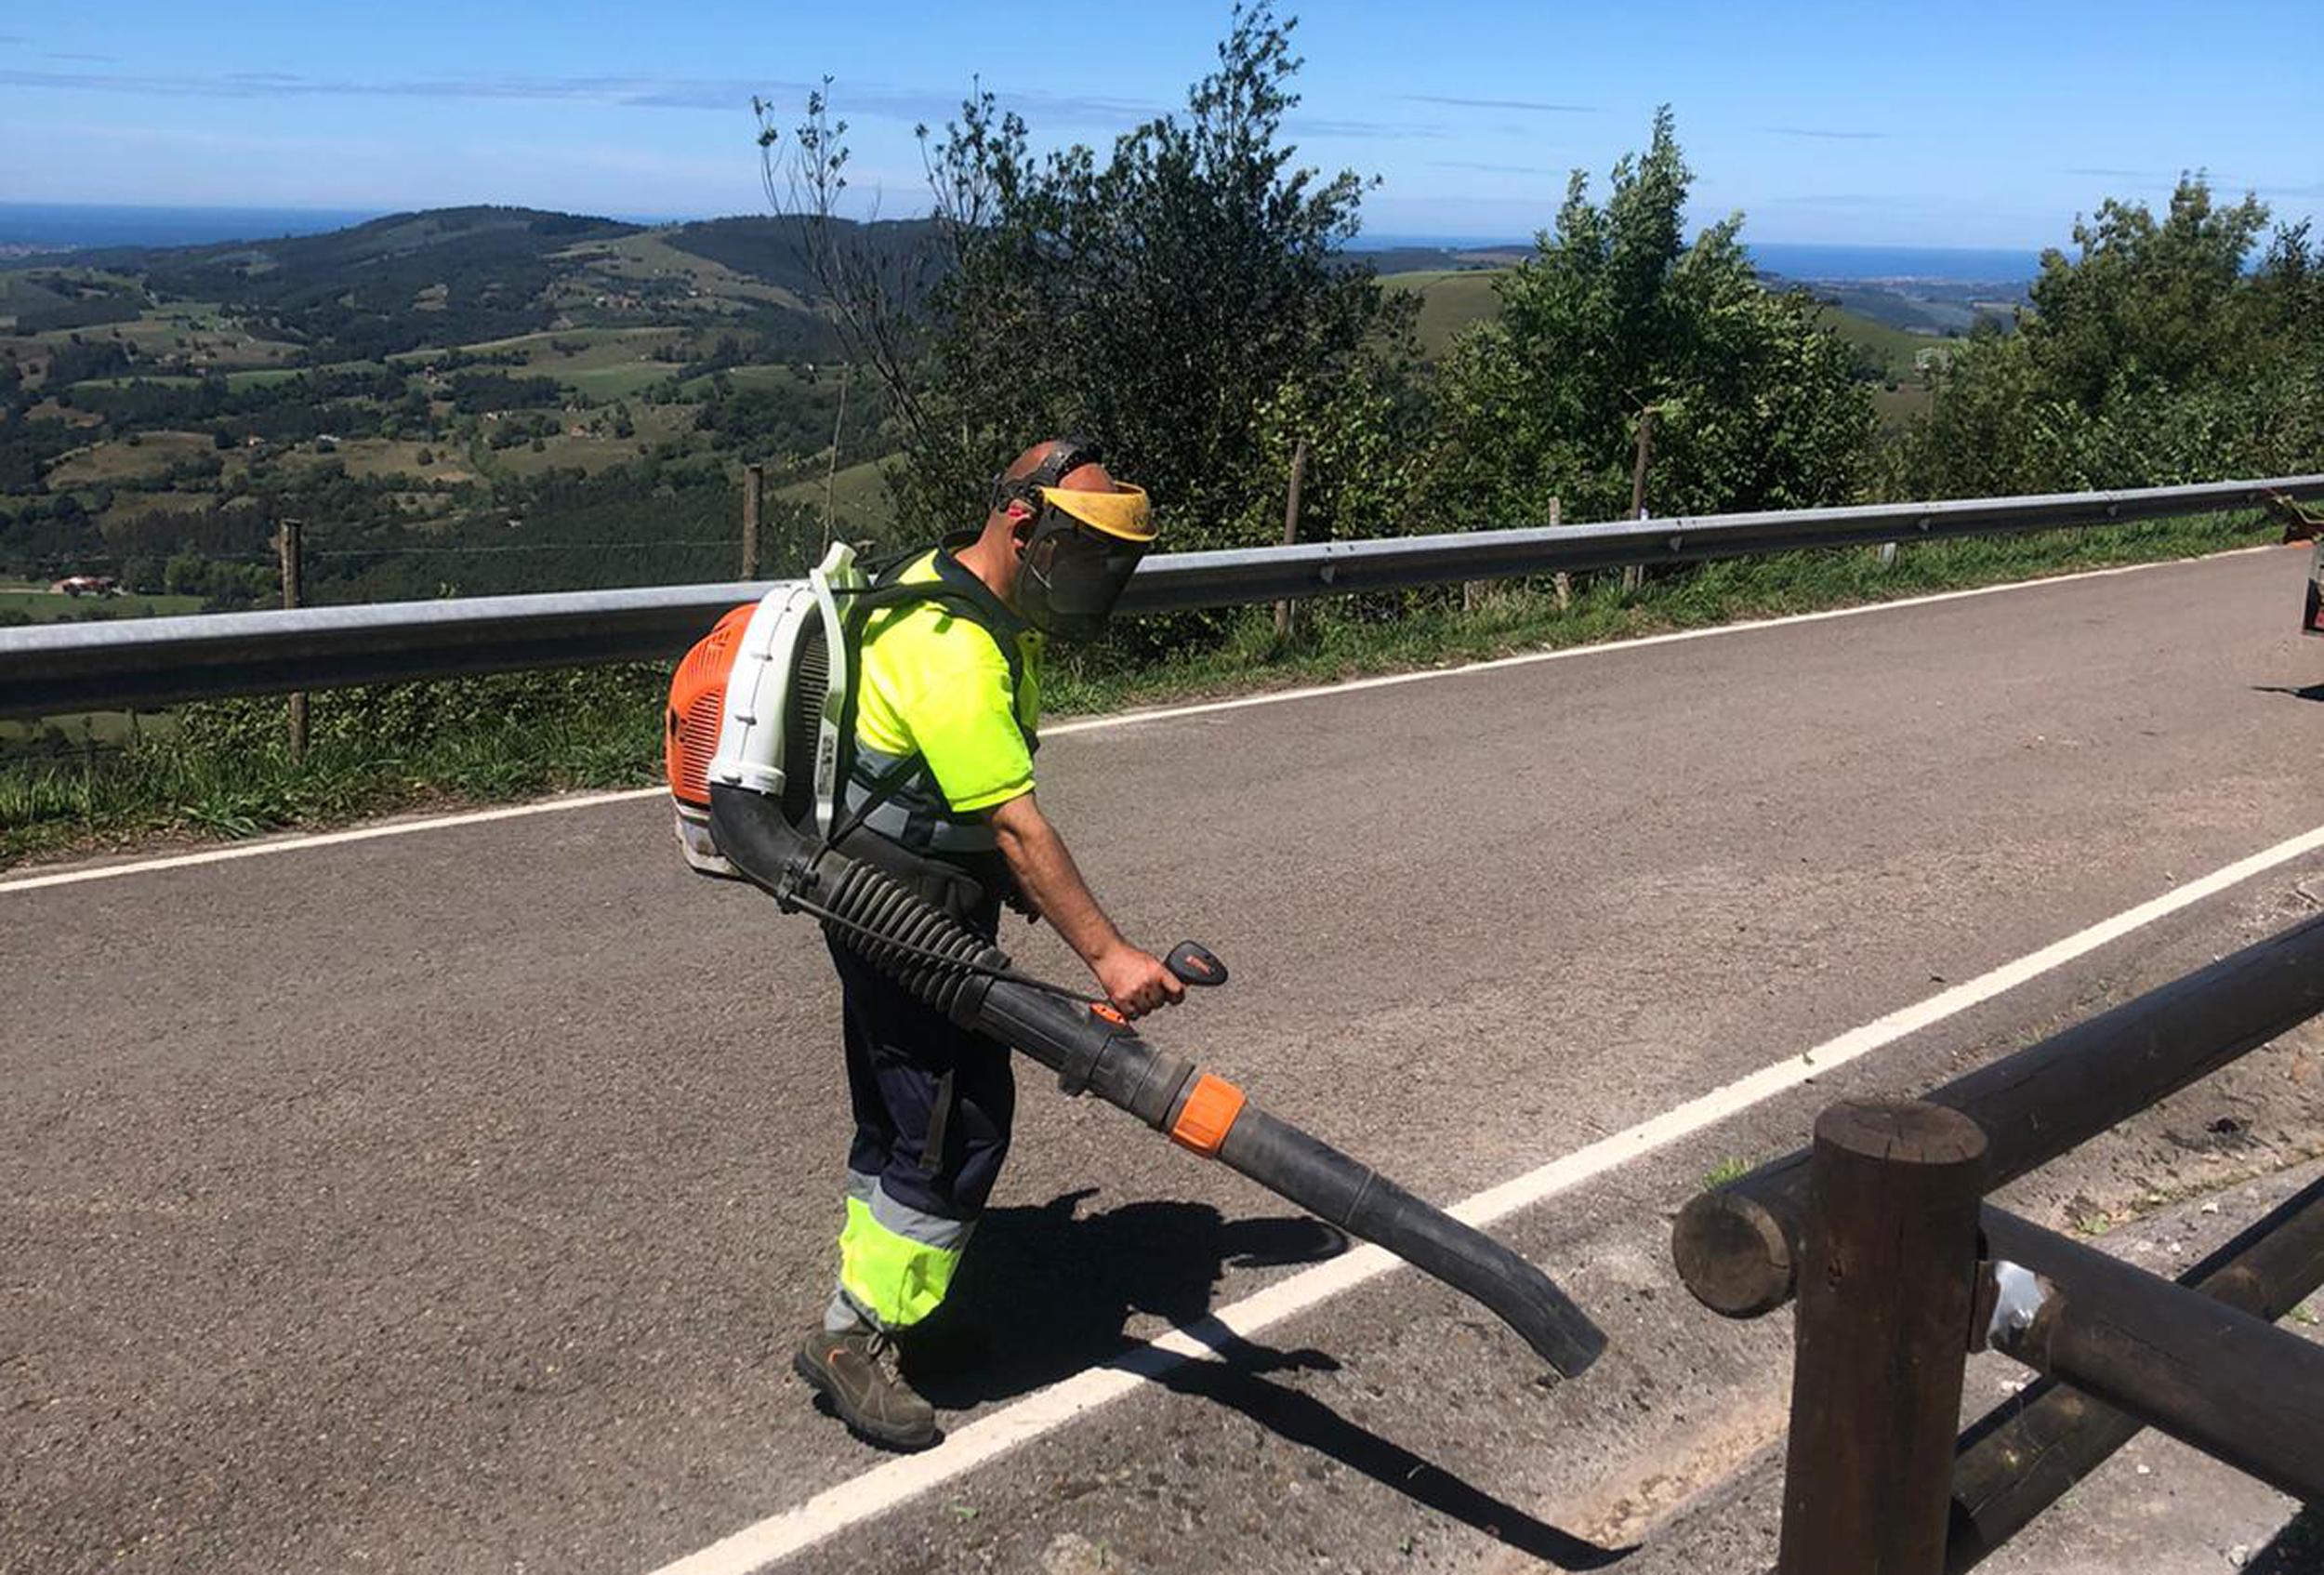 Labores de limpieza de carreteras